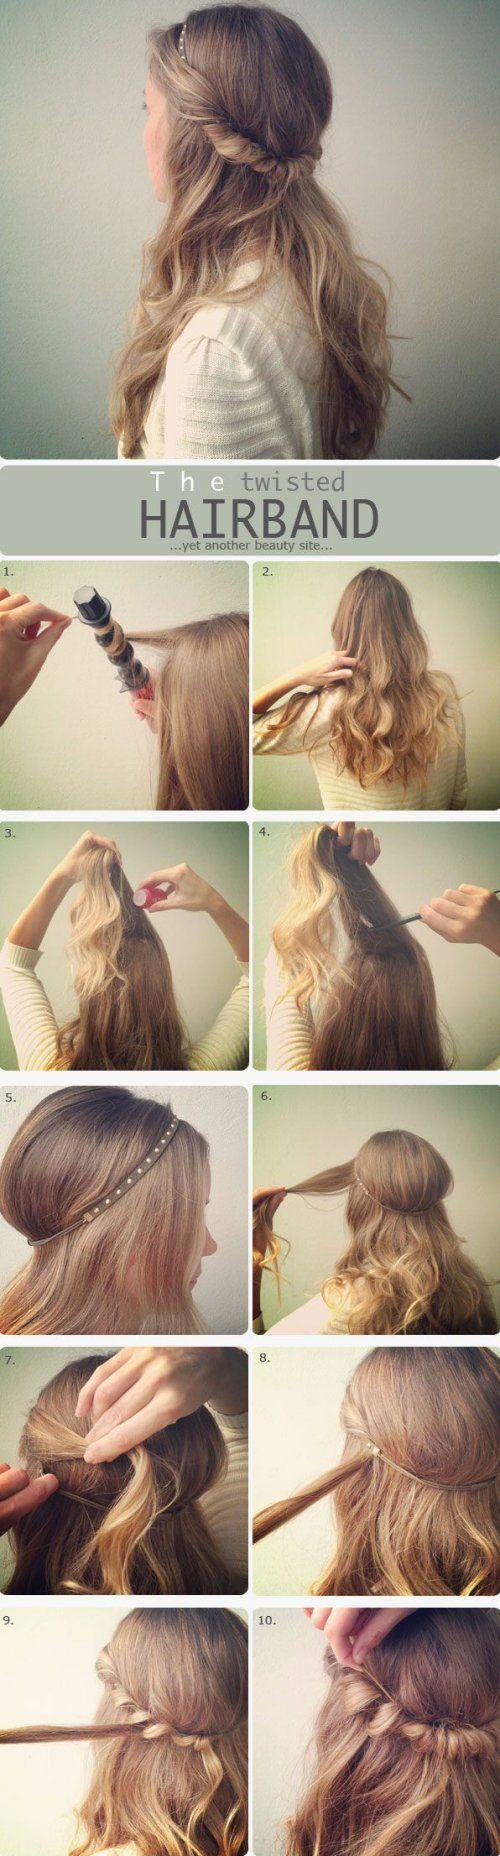 Peinados boho que tienes que intentar ¡ya!